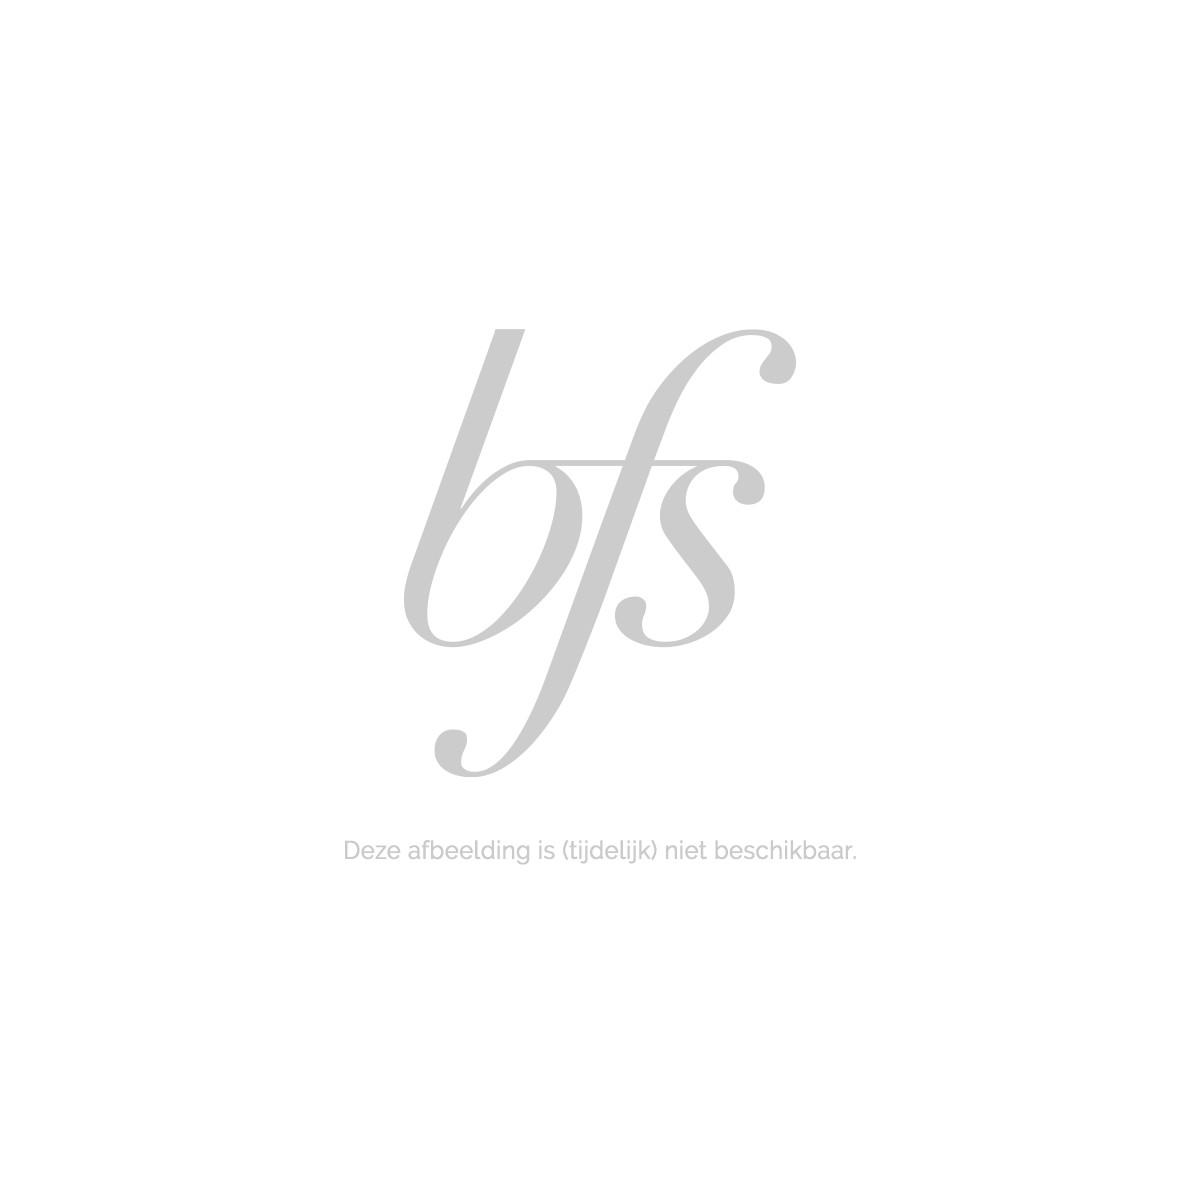 Hildegard Braukmann Exquisit Tönungs Creme Naturell Spf8